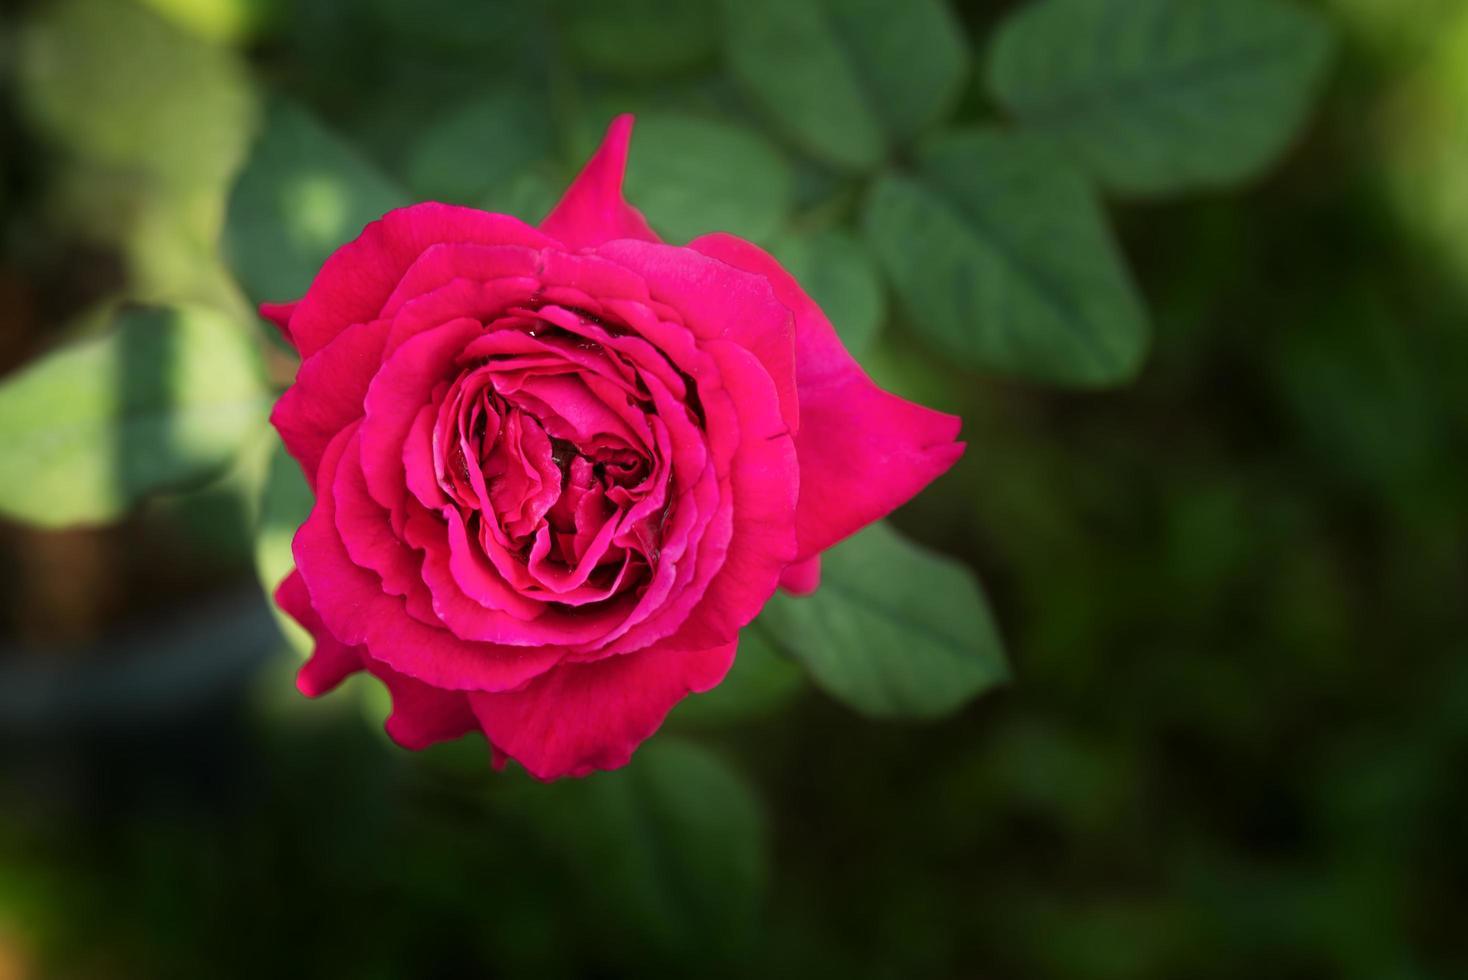 röd ros i en trädgård foto